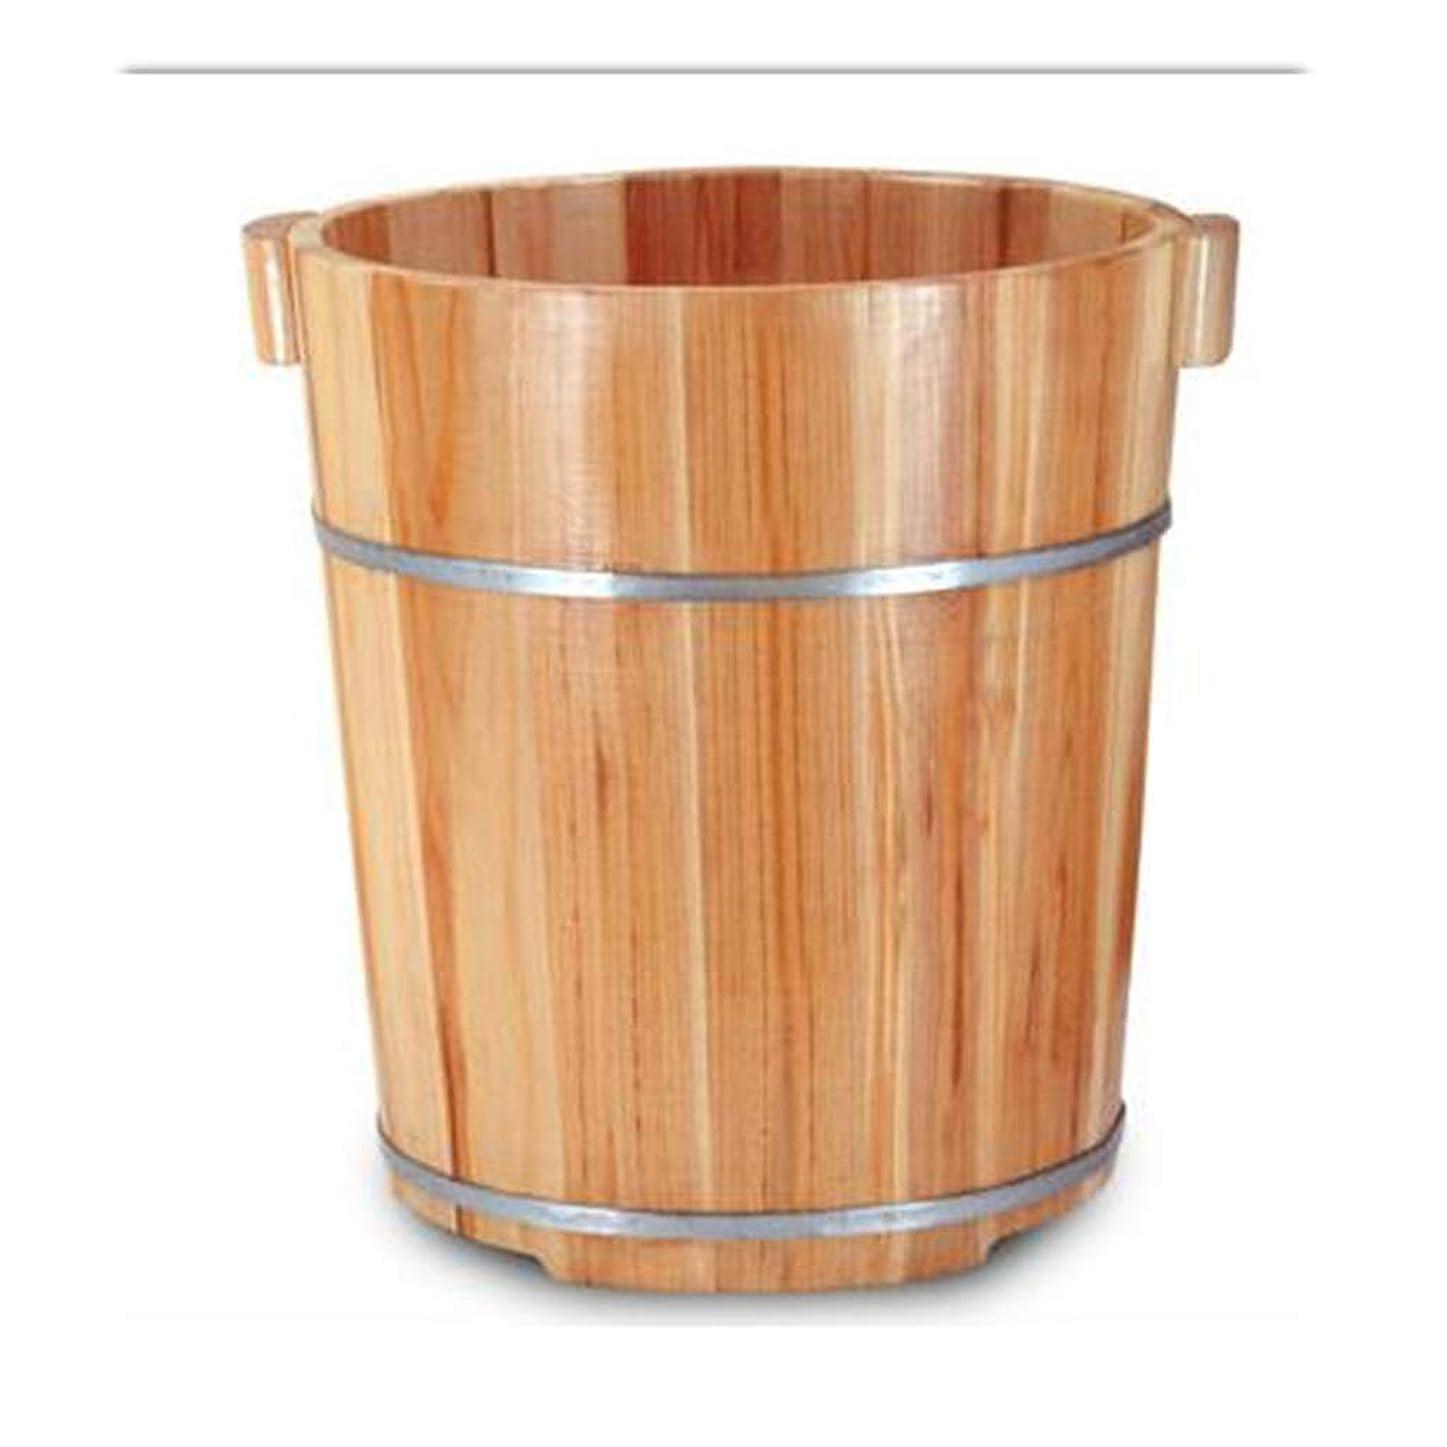 厄介な用心する拳足浴槽、40センチメートルモミ足洗浄バレル、カバー付き足洗浄バレル、燻蒸マッサージ、女性用男性大人子供用 (Size : A)